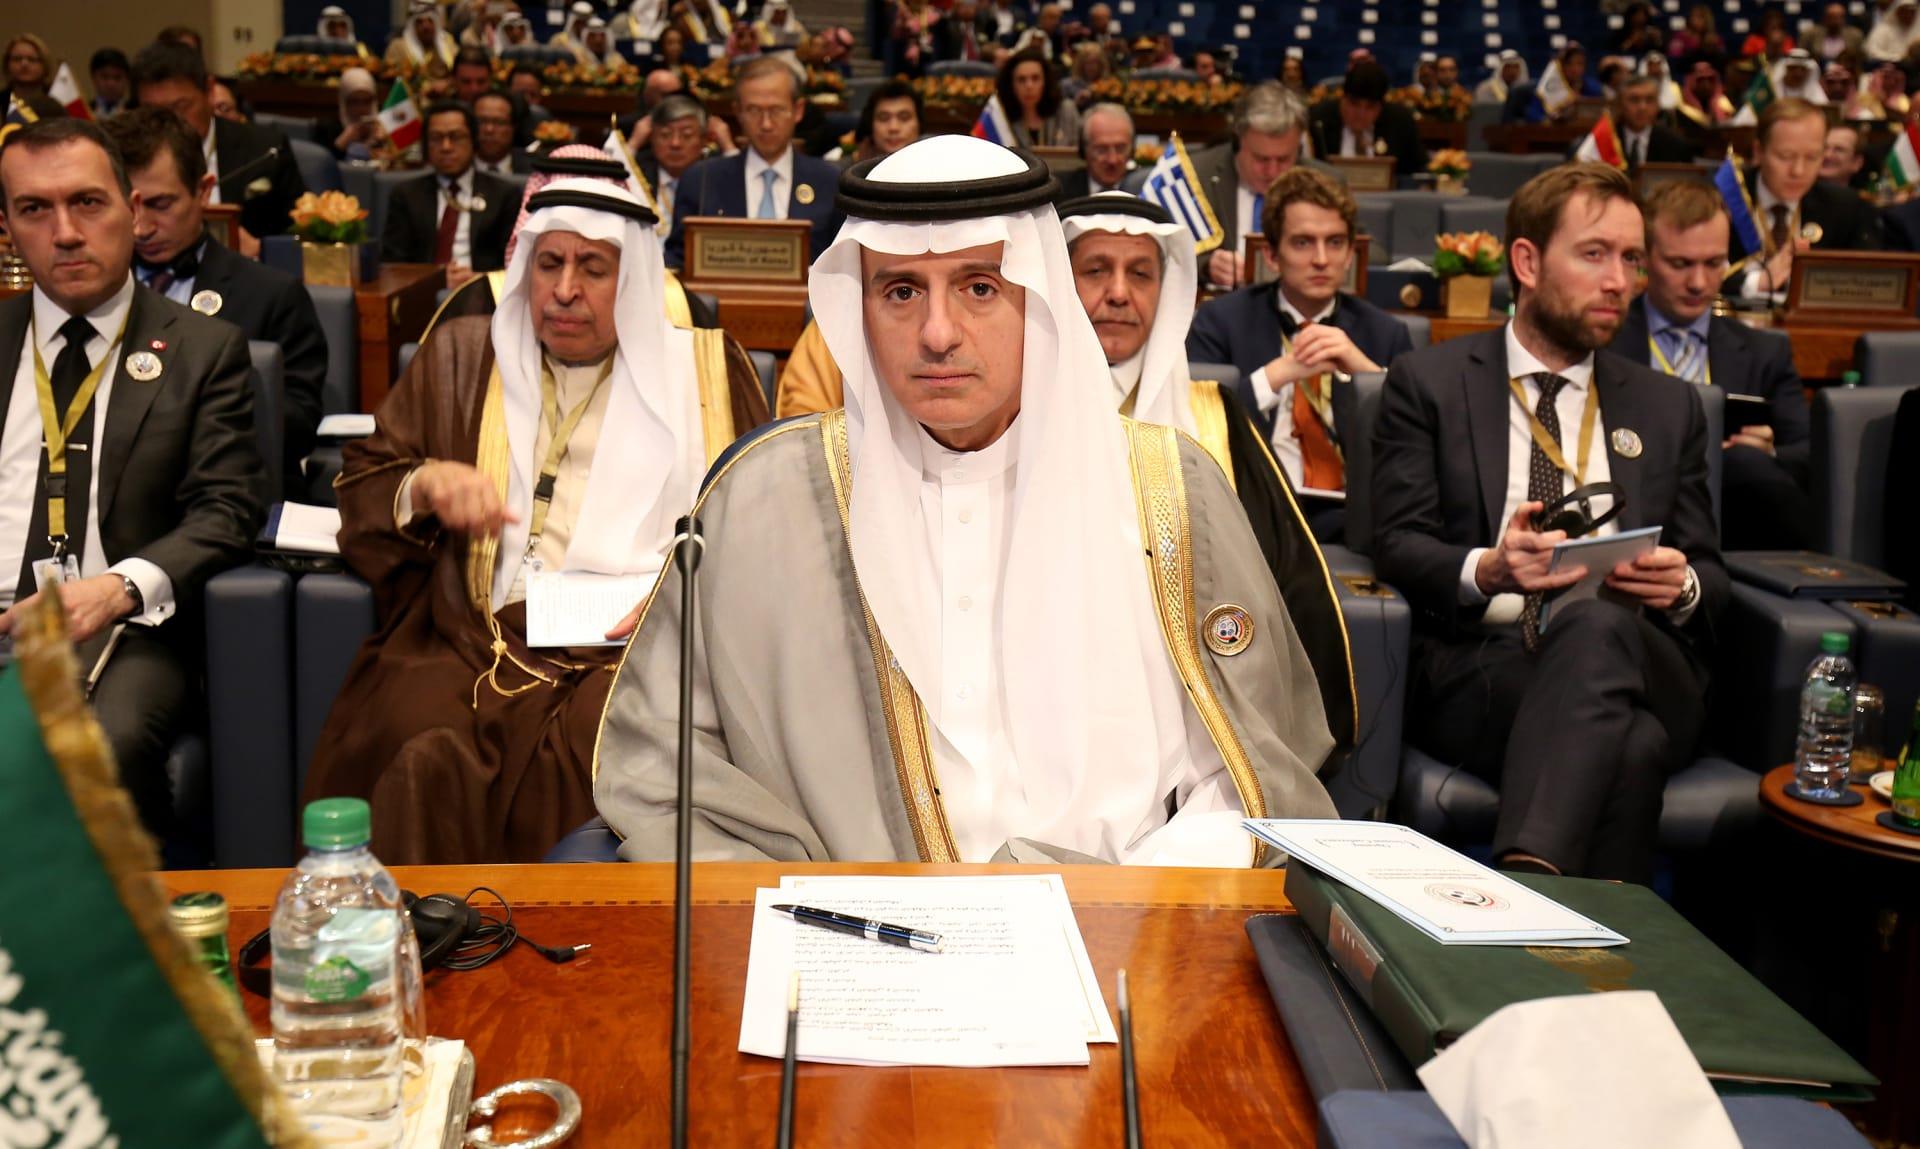 الجبير: المملكة لها الحق أن ترد على هذا العدوان الإيراني في الوقت المناسب وبالشكل المناسب